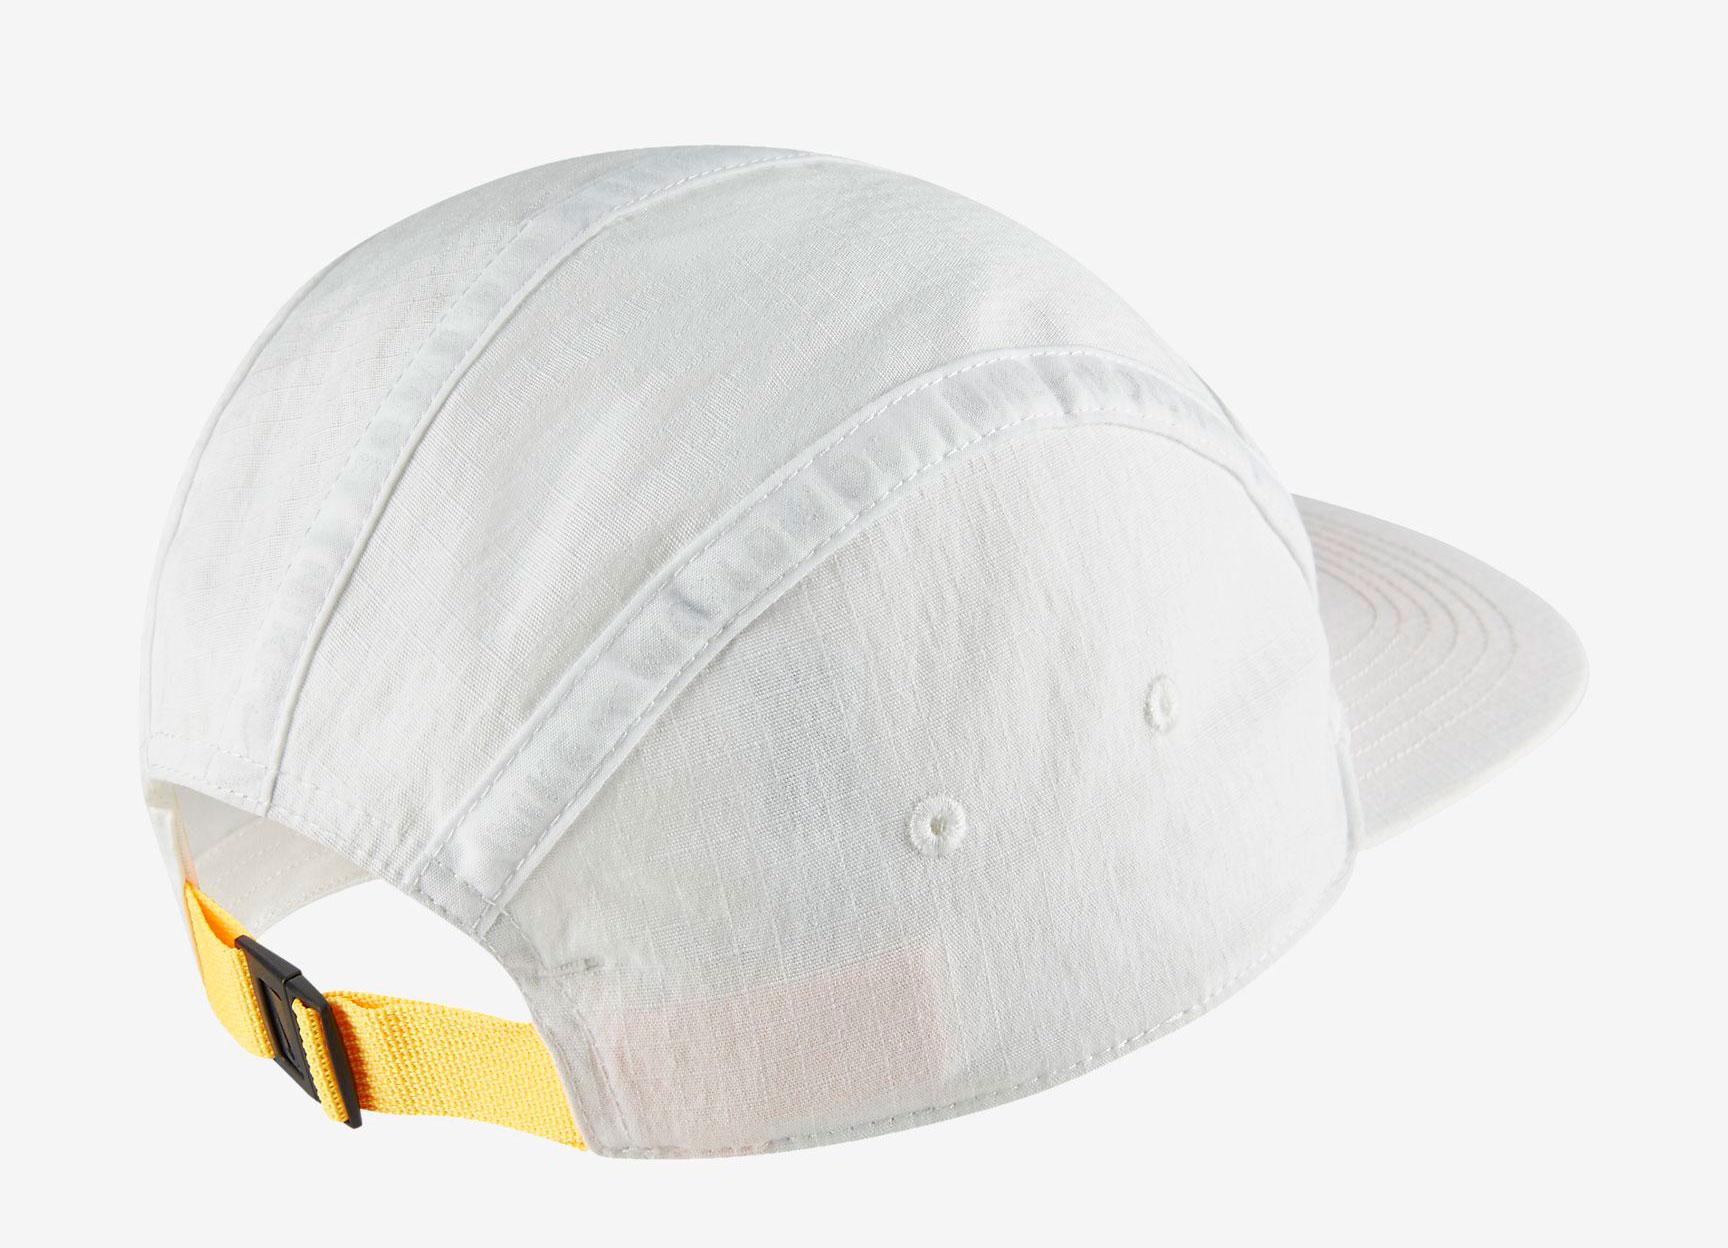 nike-sportswear-worldwide-hat-2